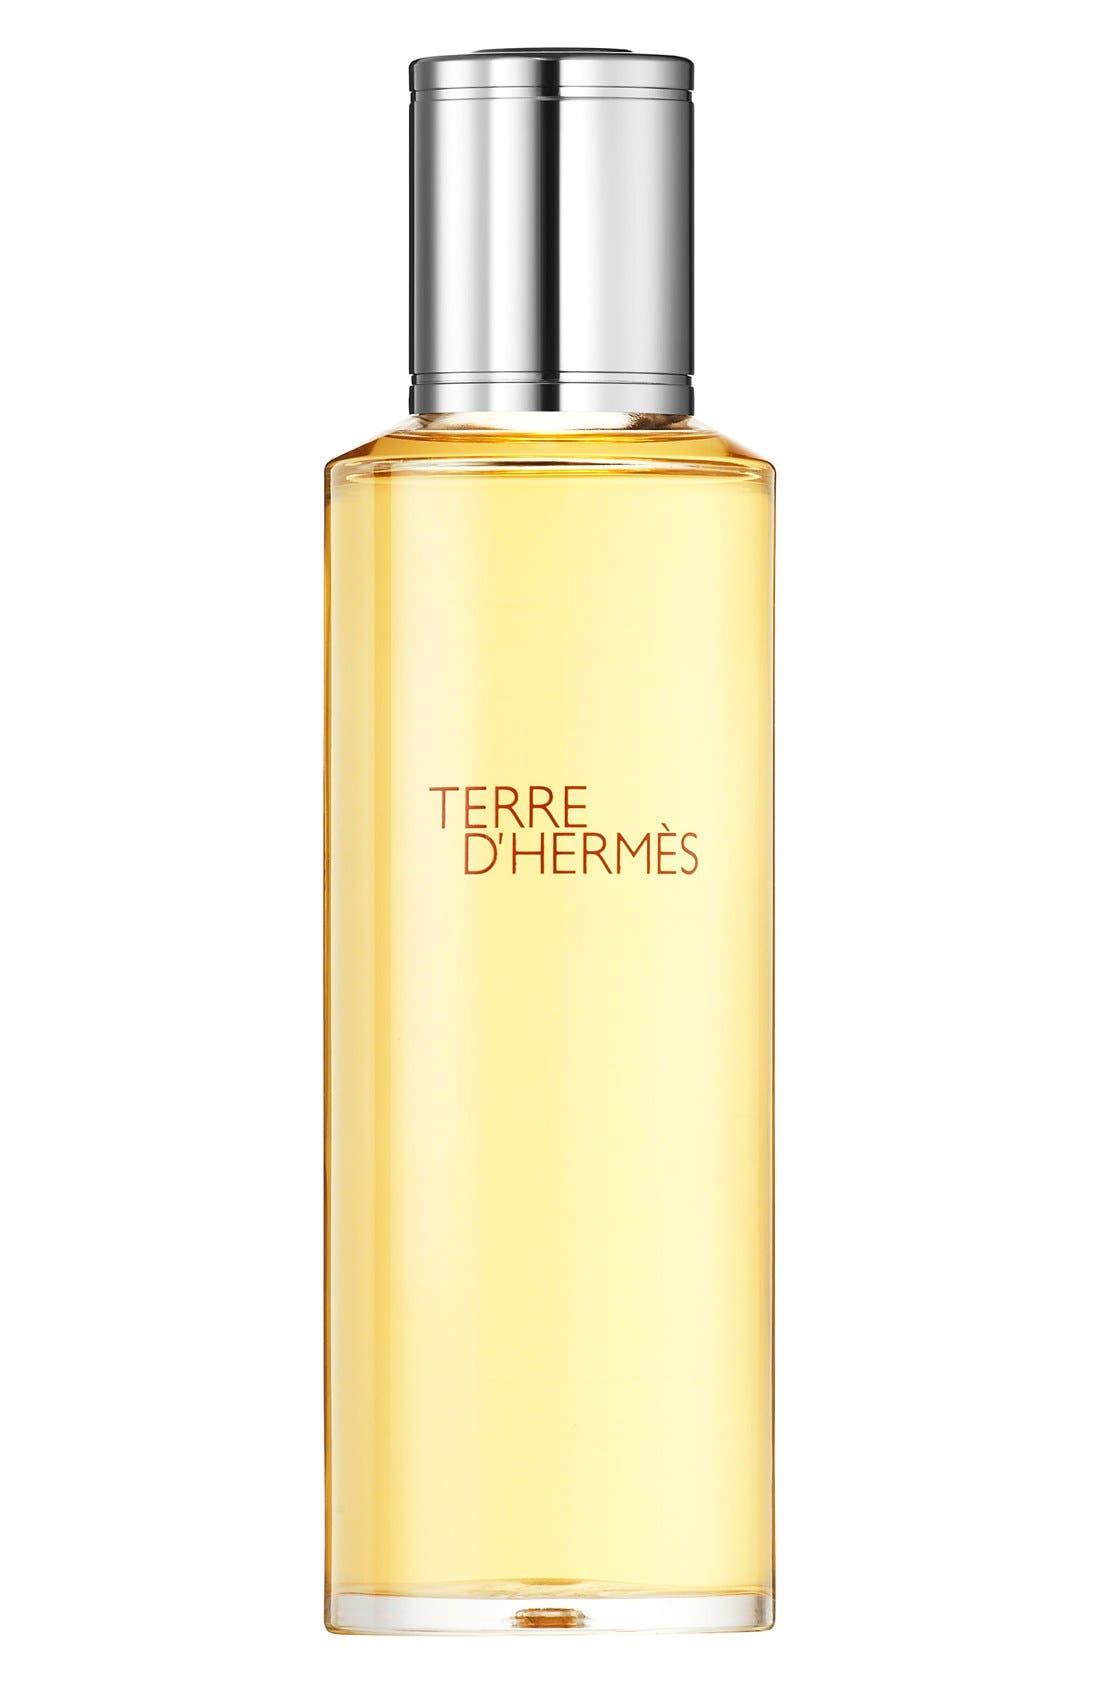 HERMÈS Terre d'Hermès - Pure perfume Bel Objet refill bottle, Main, color, NO COLOR